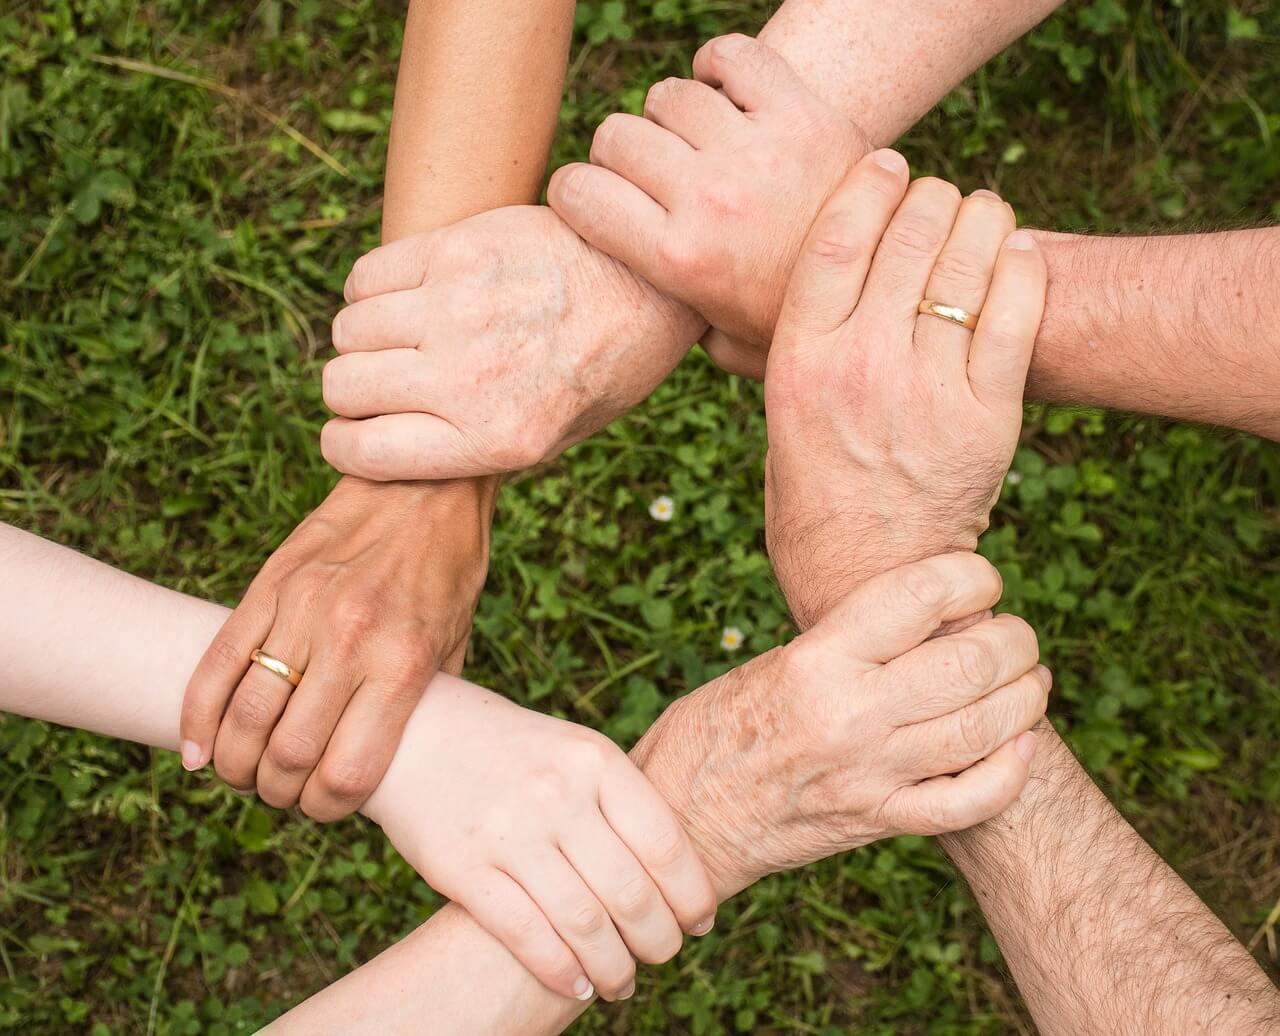 באילו מקרים עסק משפחתי יכול להזדקק לשירות של עורך דיני עבודה?